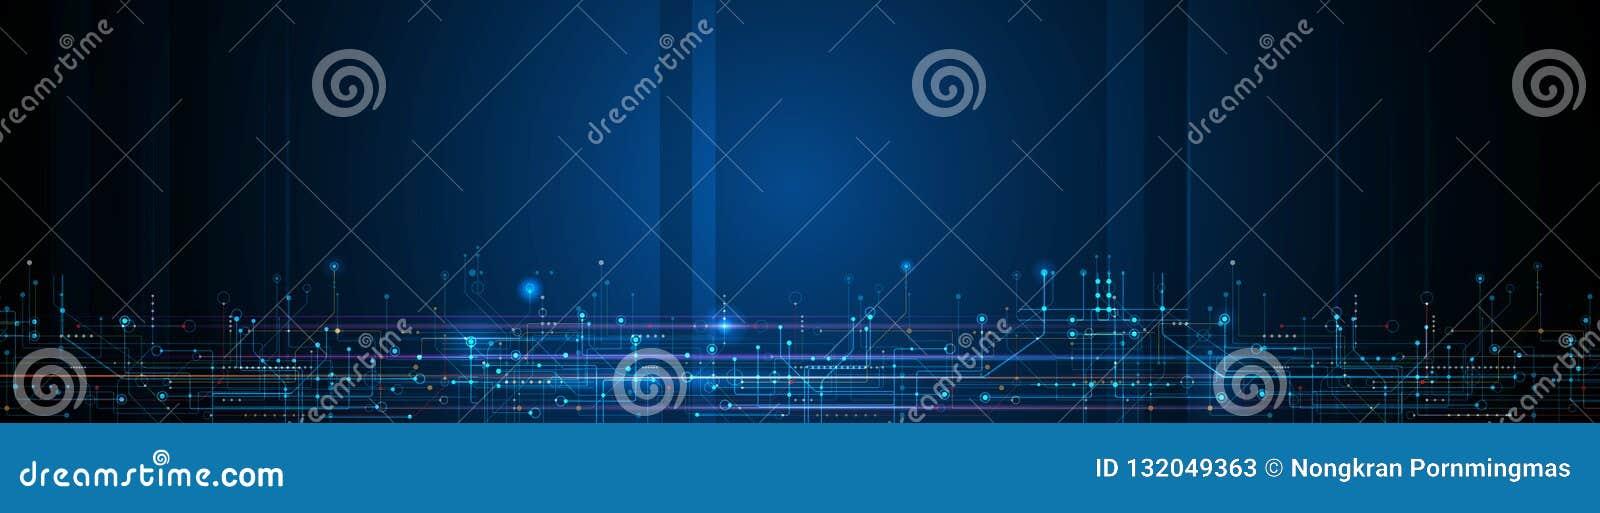 Placa de circuito do projeto da bandeira do vetor Futurista moderno do sumário da ilustração, engenharia, fundo da tecnologia